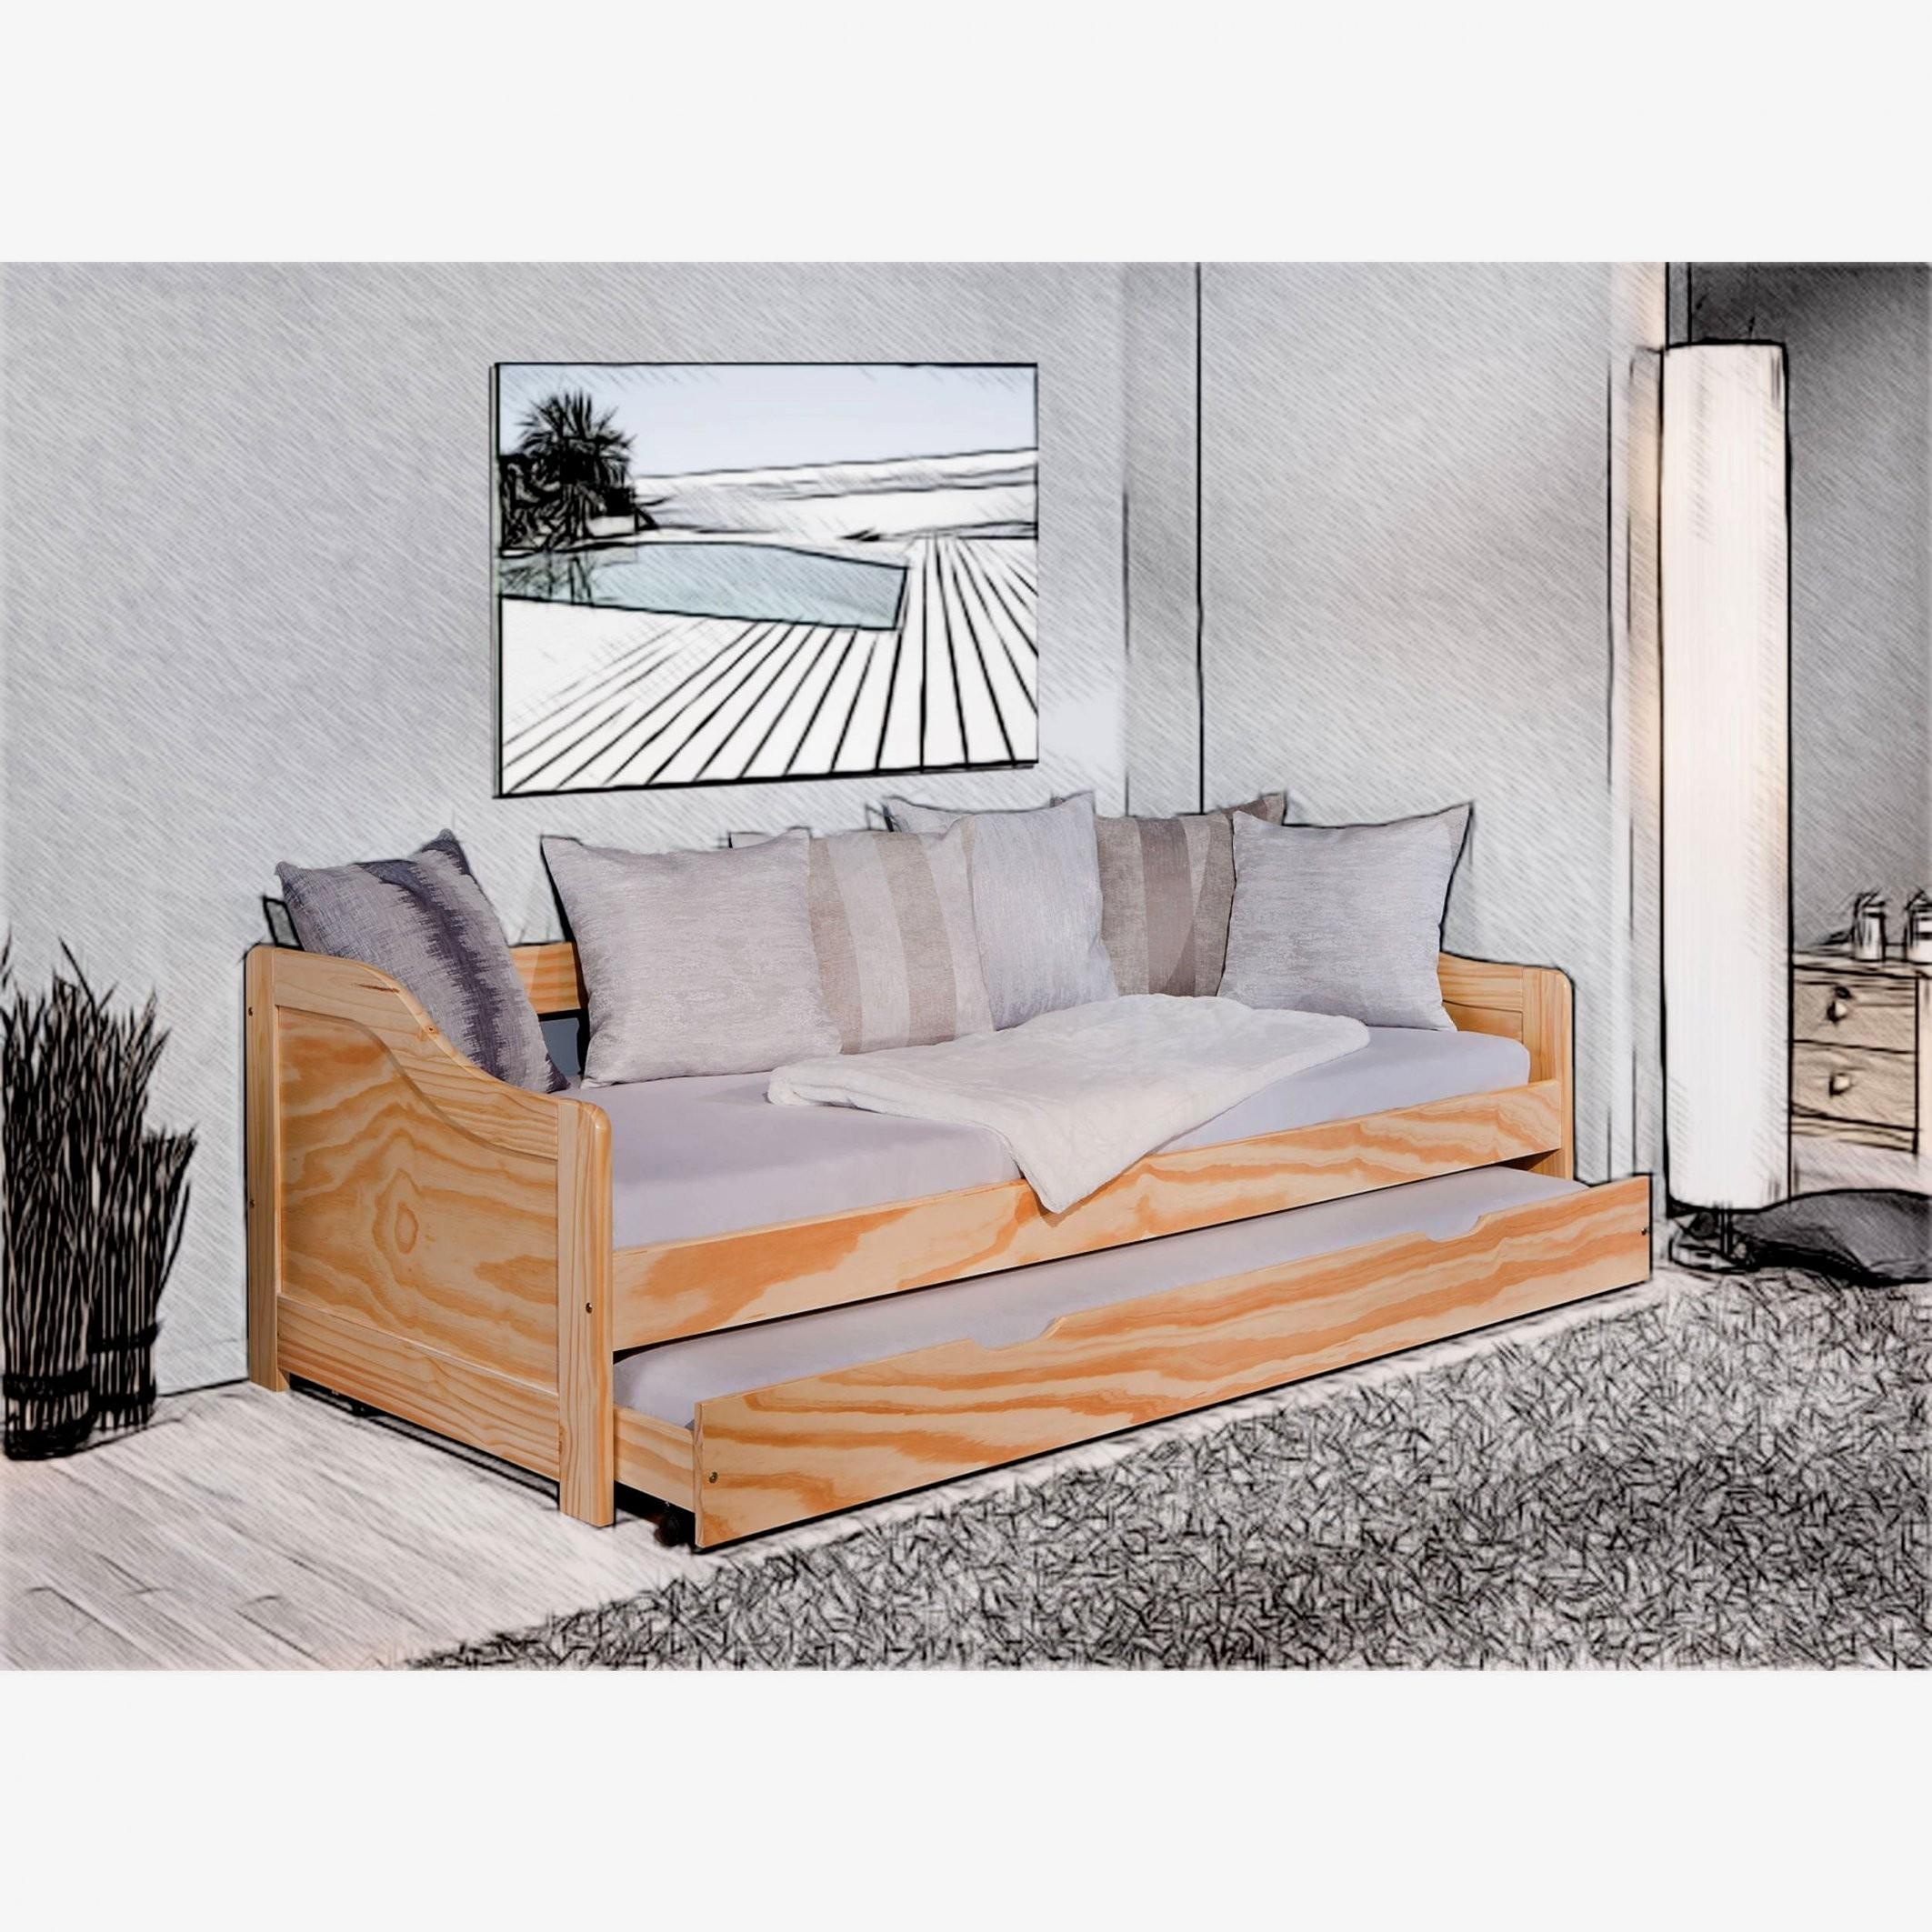 Gallery Of Bett 90X190 Mit Bettkasten Neu Kinderbetten Mehr Als von Bett 90X190 Mit Bettkasten Photo